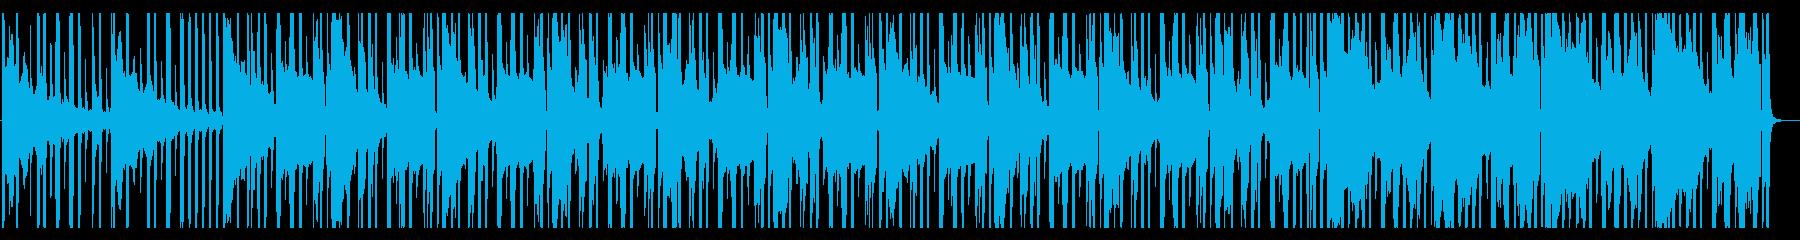 ムーディー/R&B_No395_2の再生済みの波形